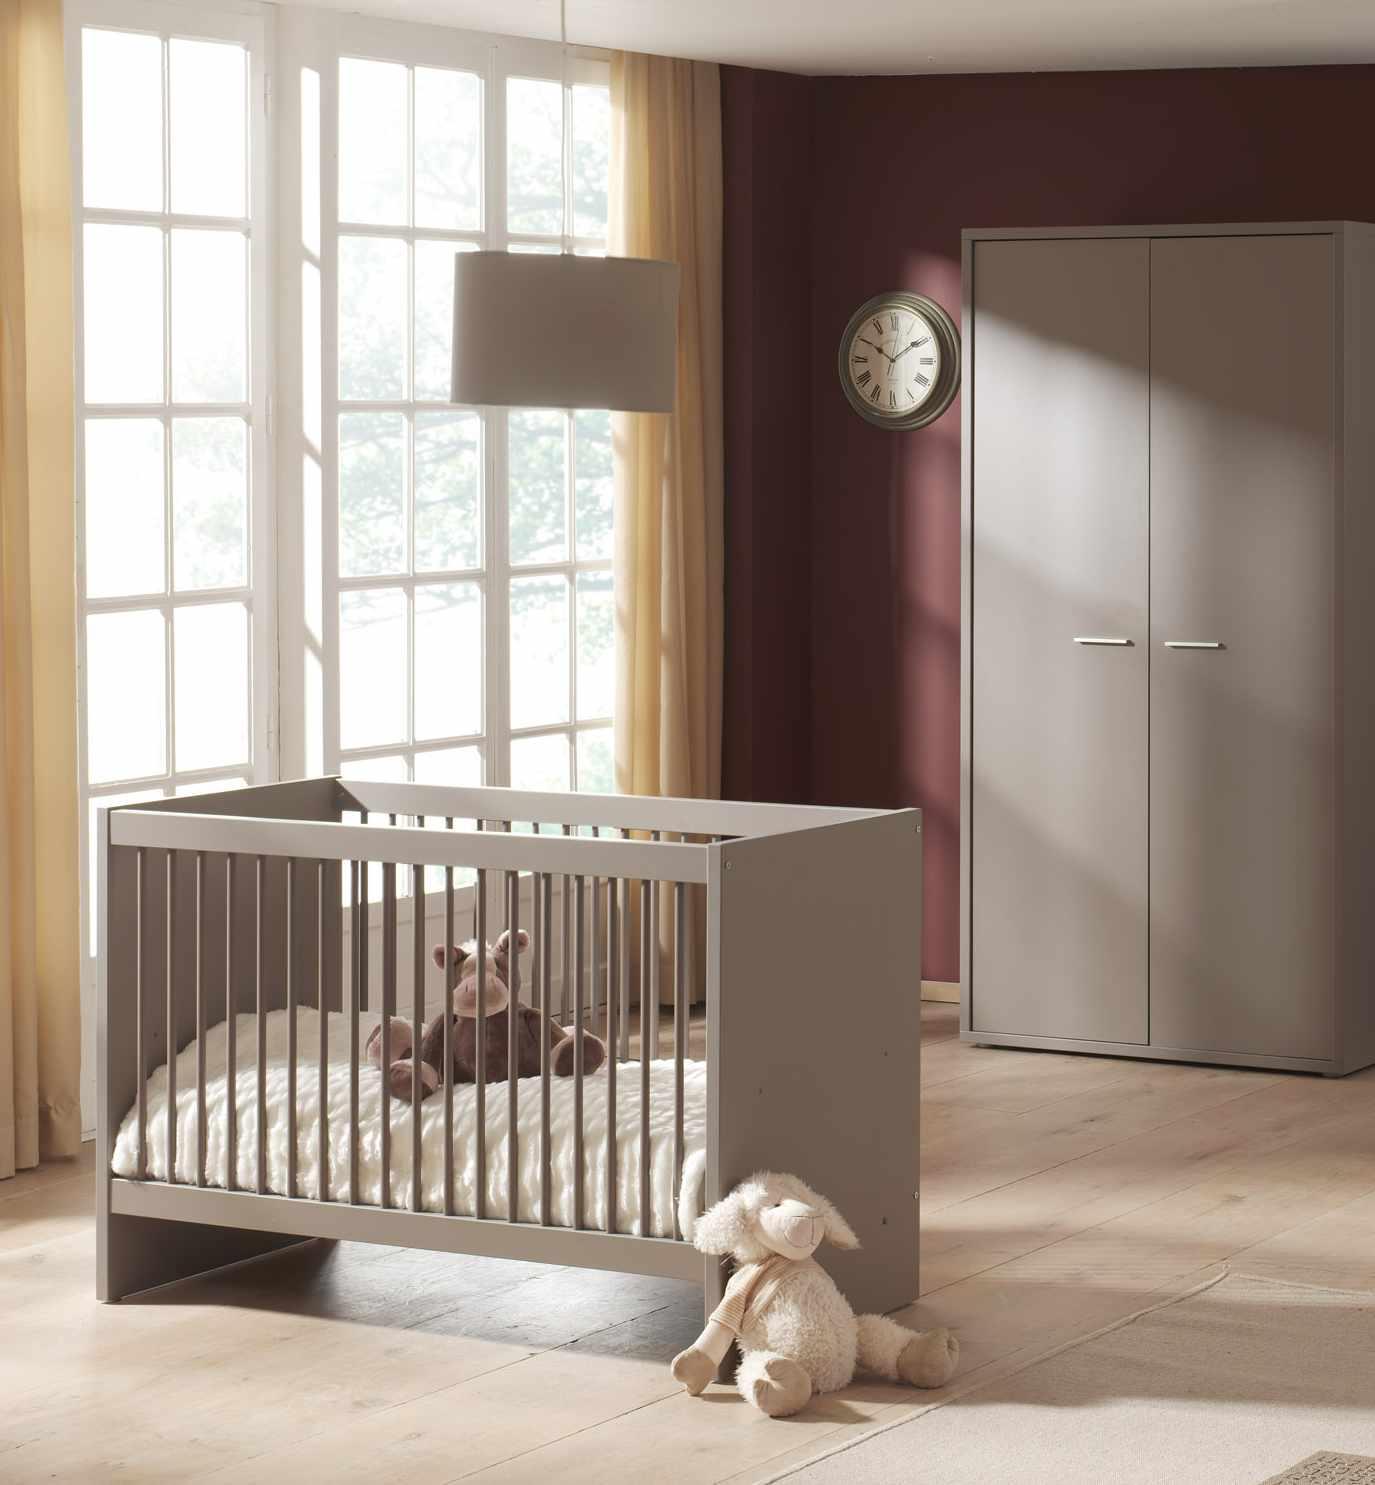 Lit bébé évolutif contemporain coloris basalt gris Donna